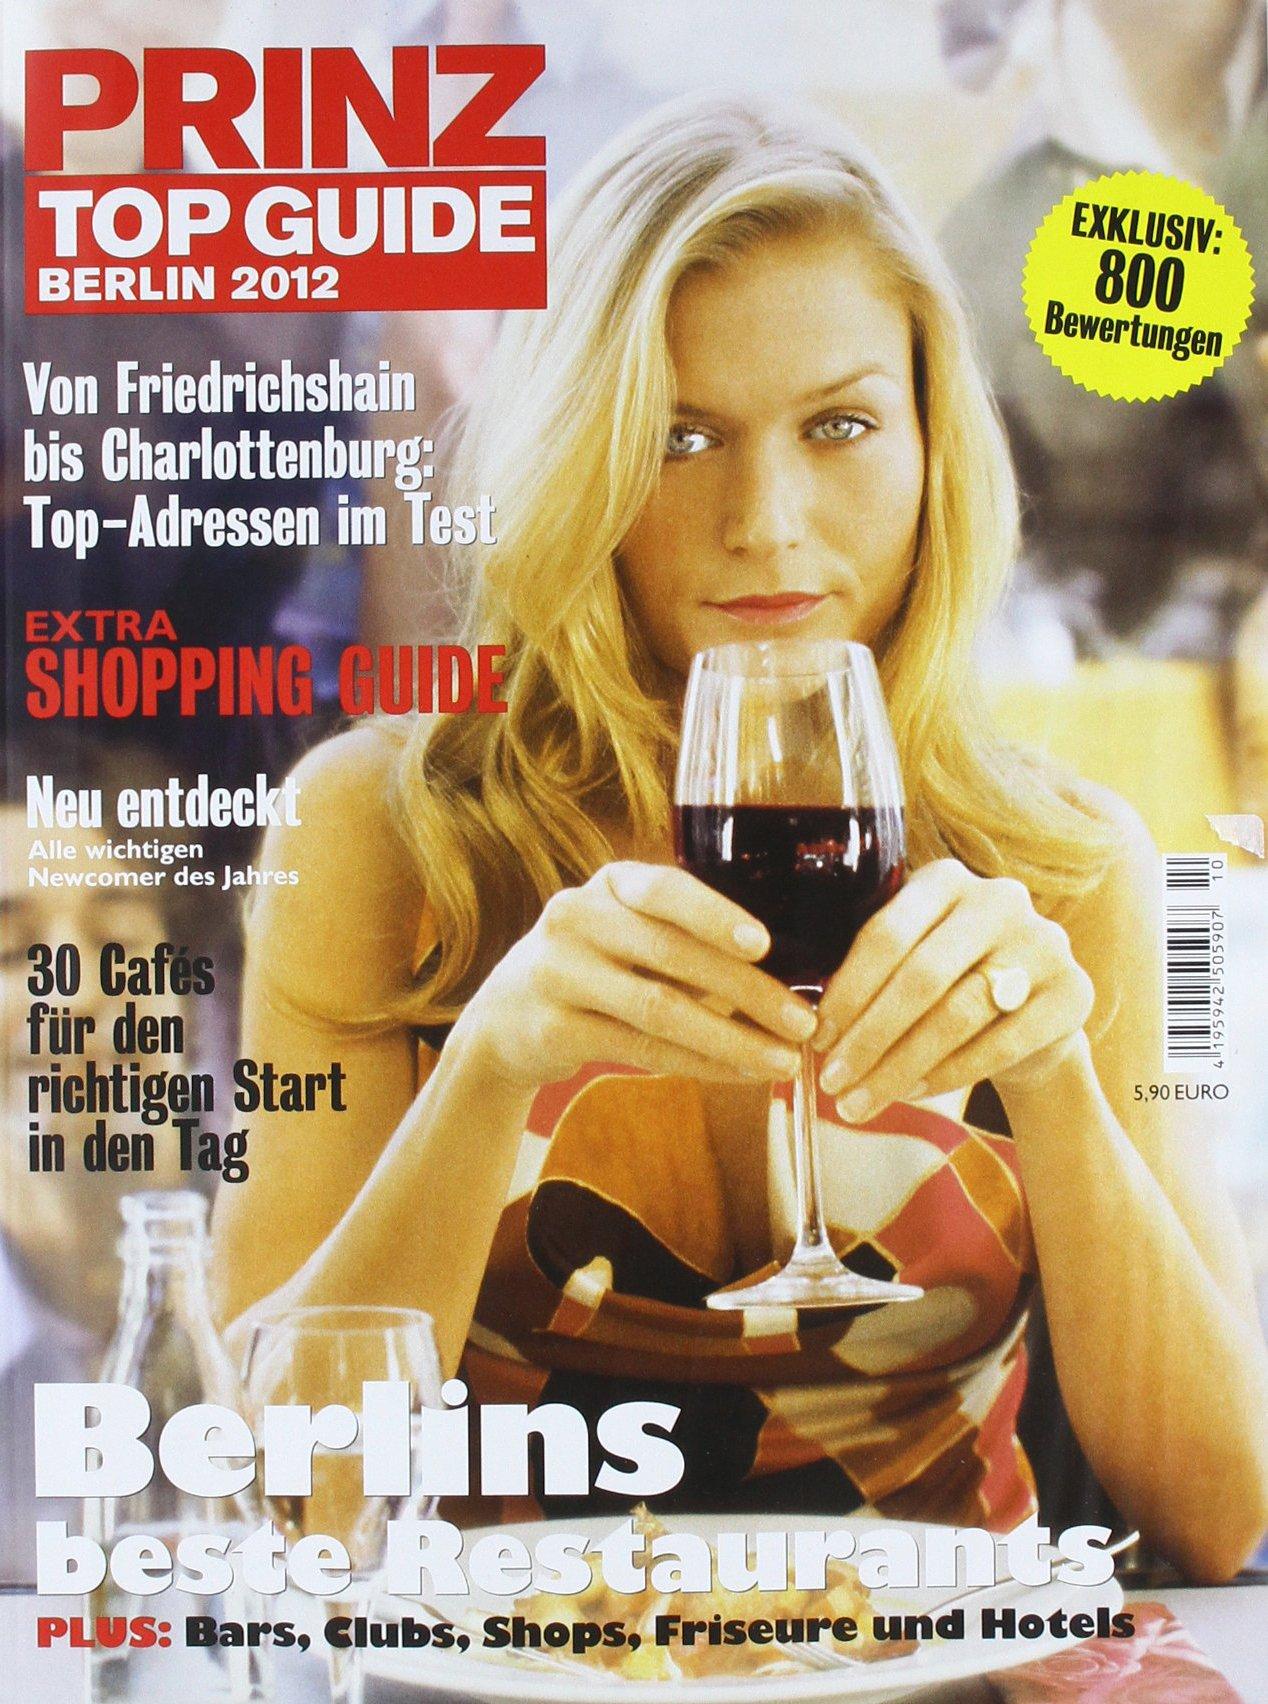 prinz-top-guide-berlin-2012